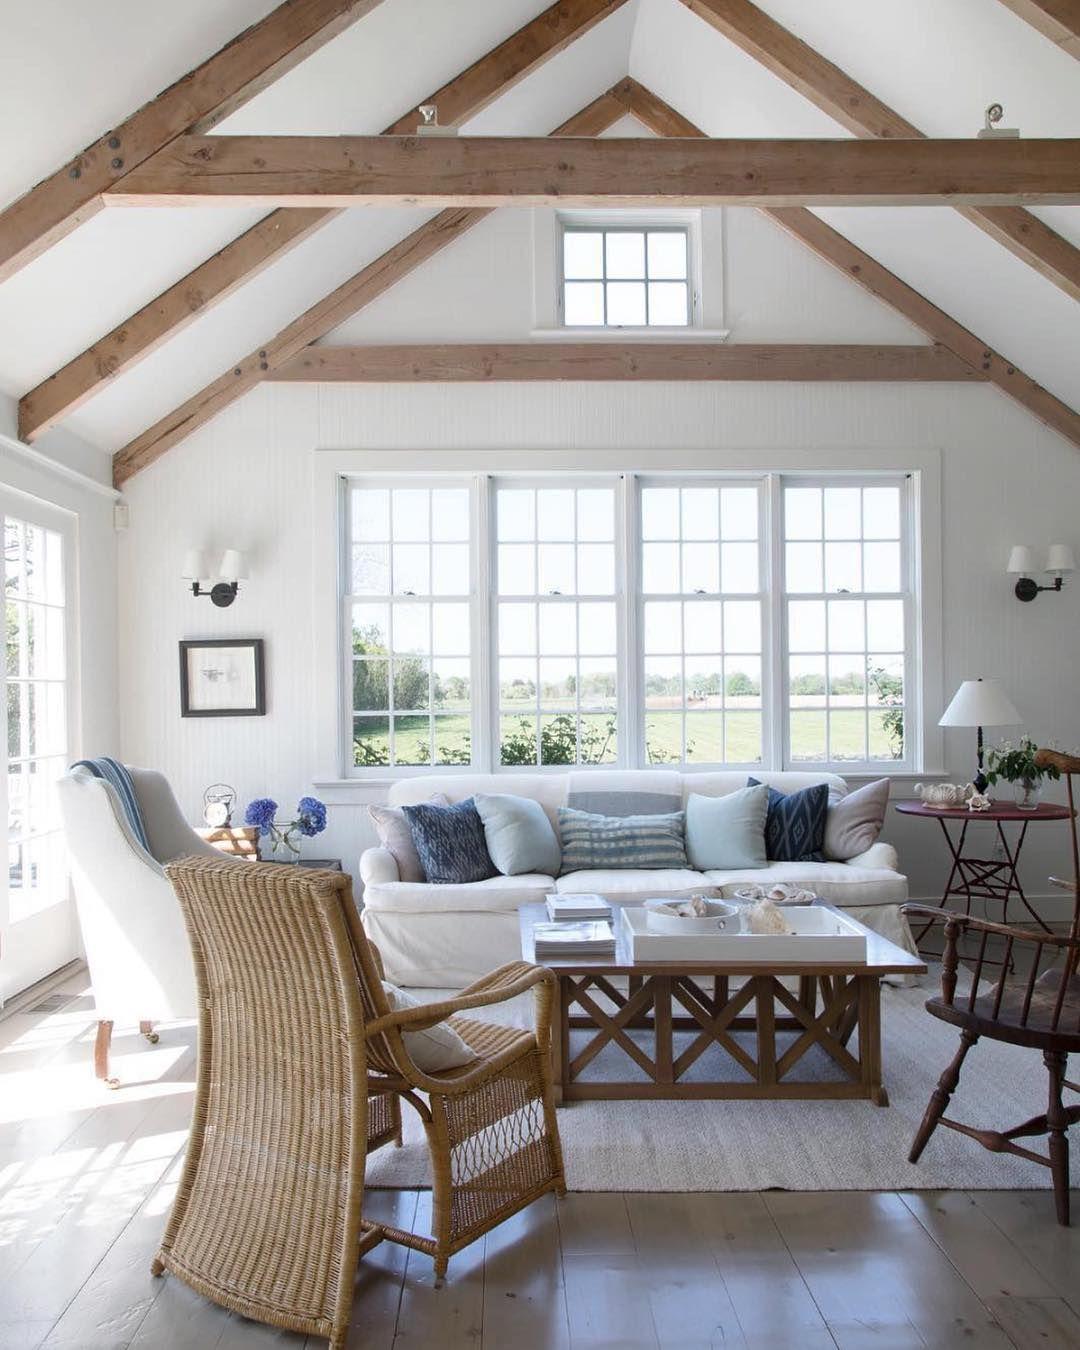 Wood Floor White Walls Vaulted Ceiling Exposed Wood Beams